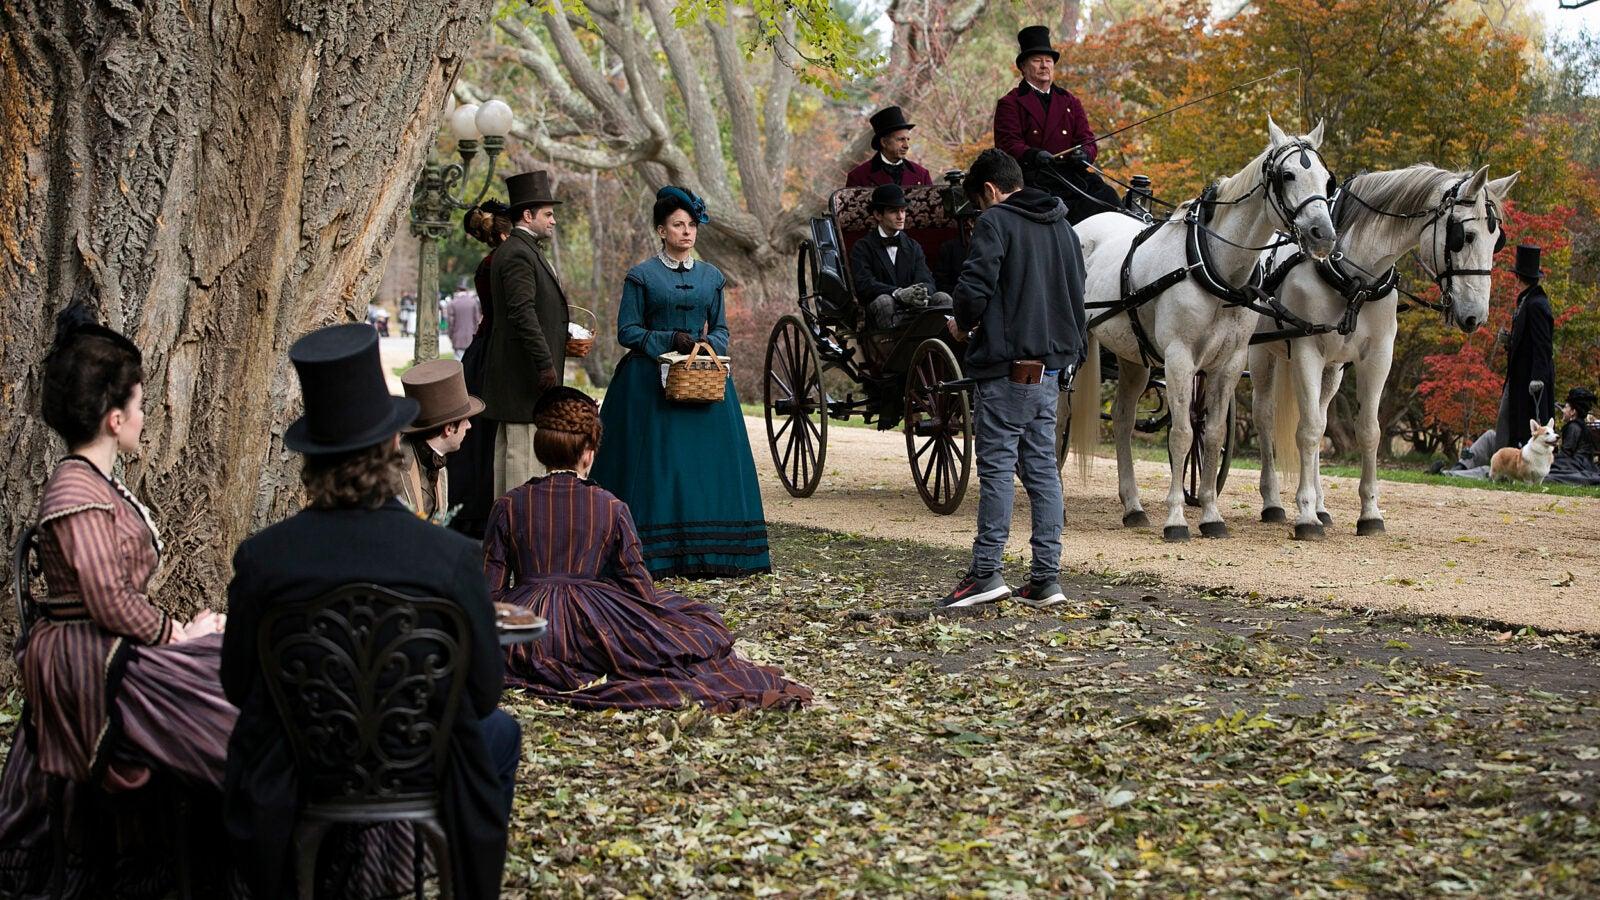 'Little Women' filmed at Arnold Arboretum.